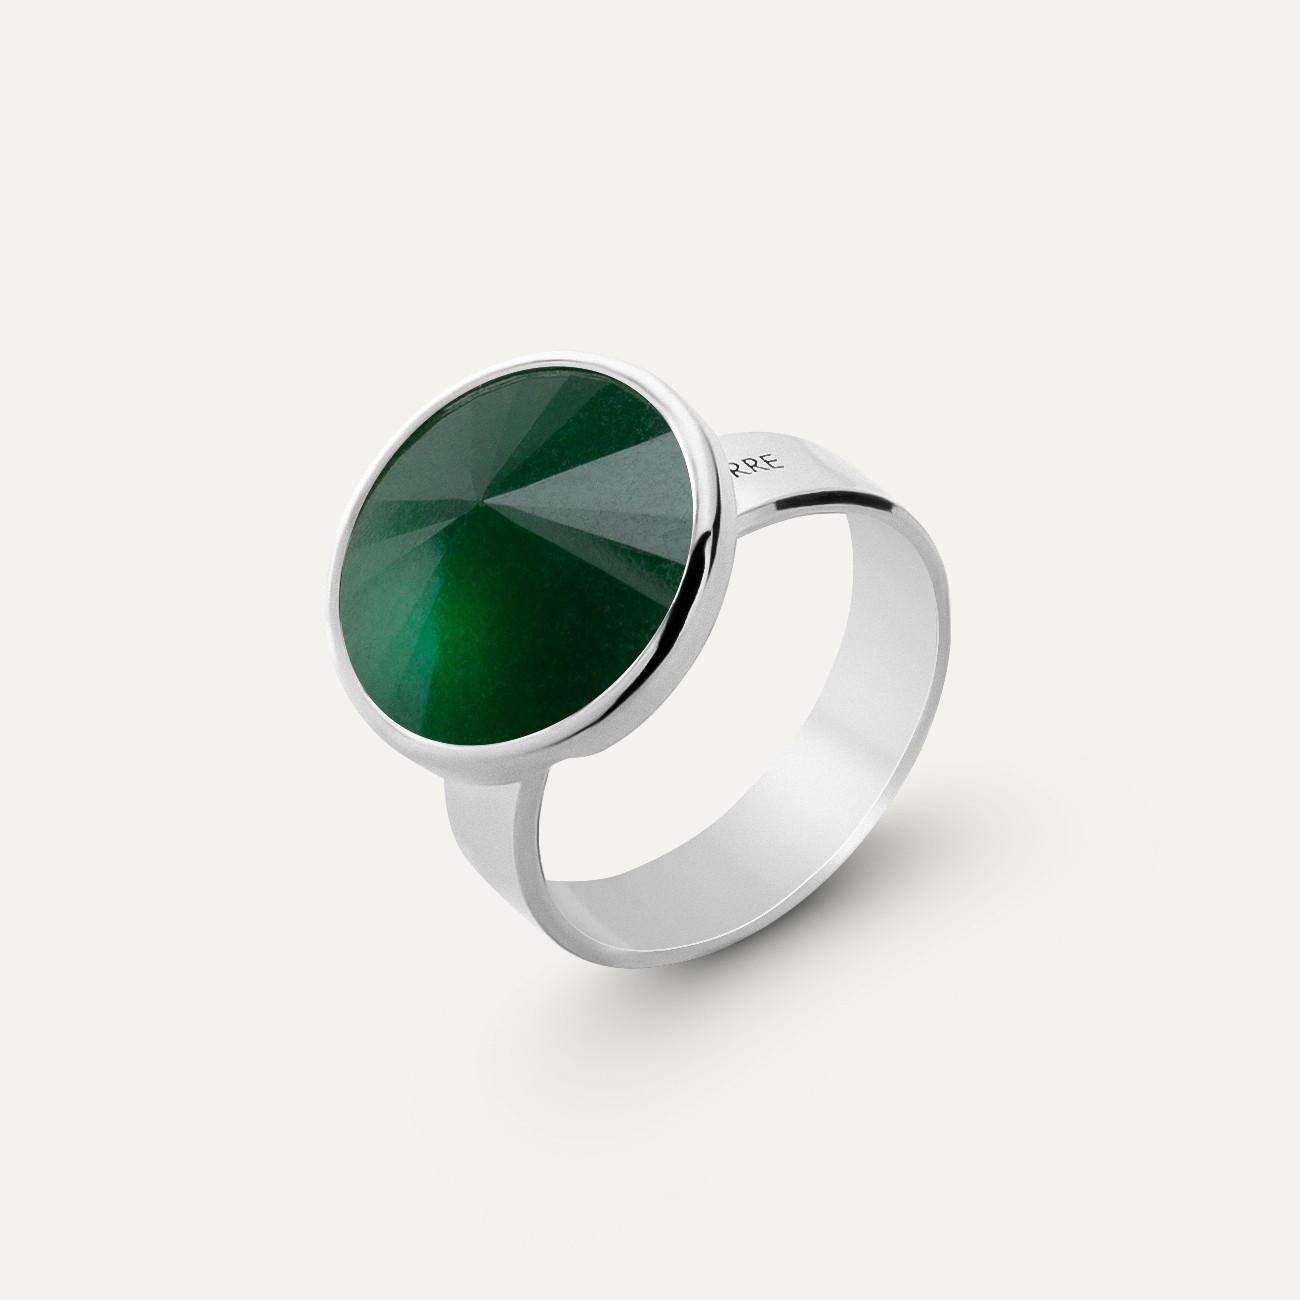 Srebrny pierścionek kamień naturalny jadeit, srebro 925